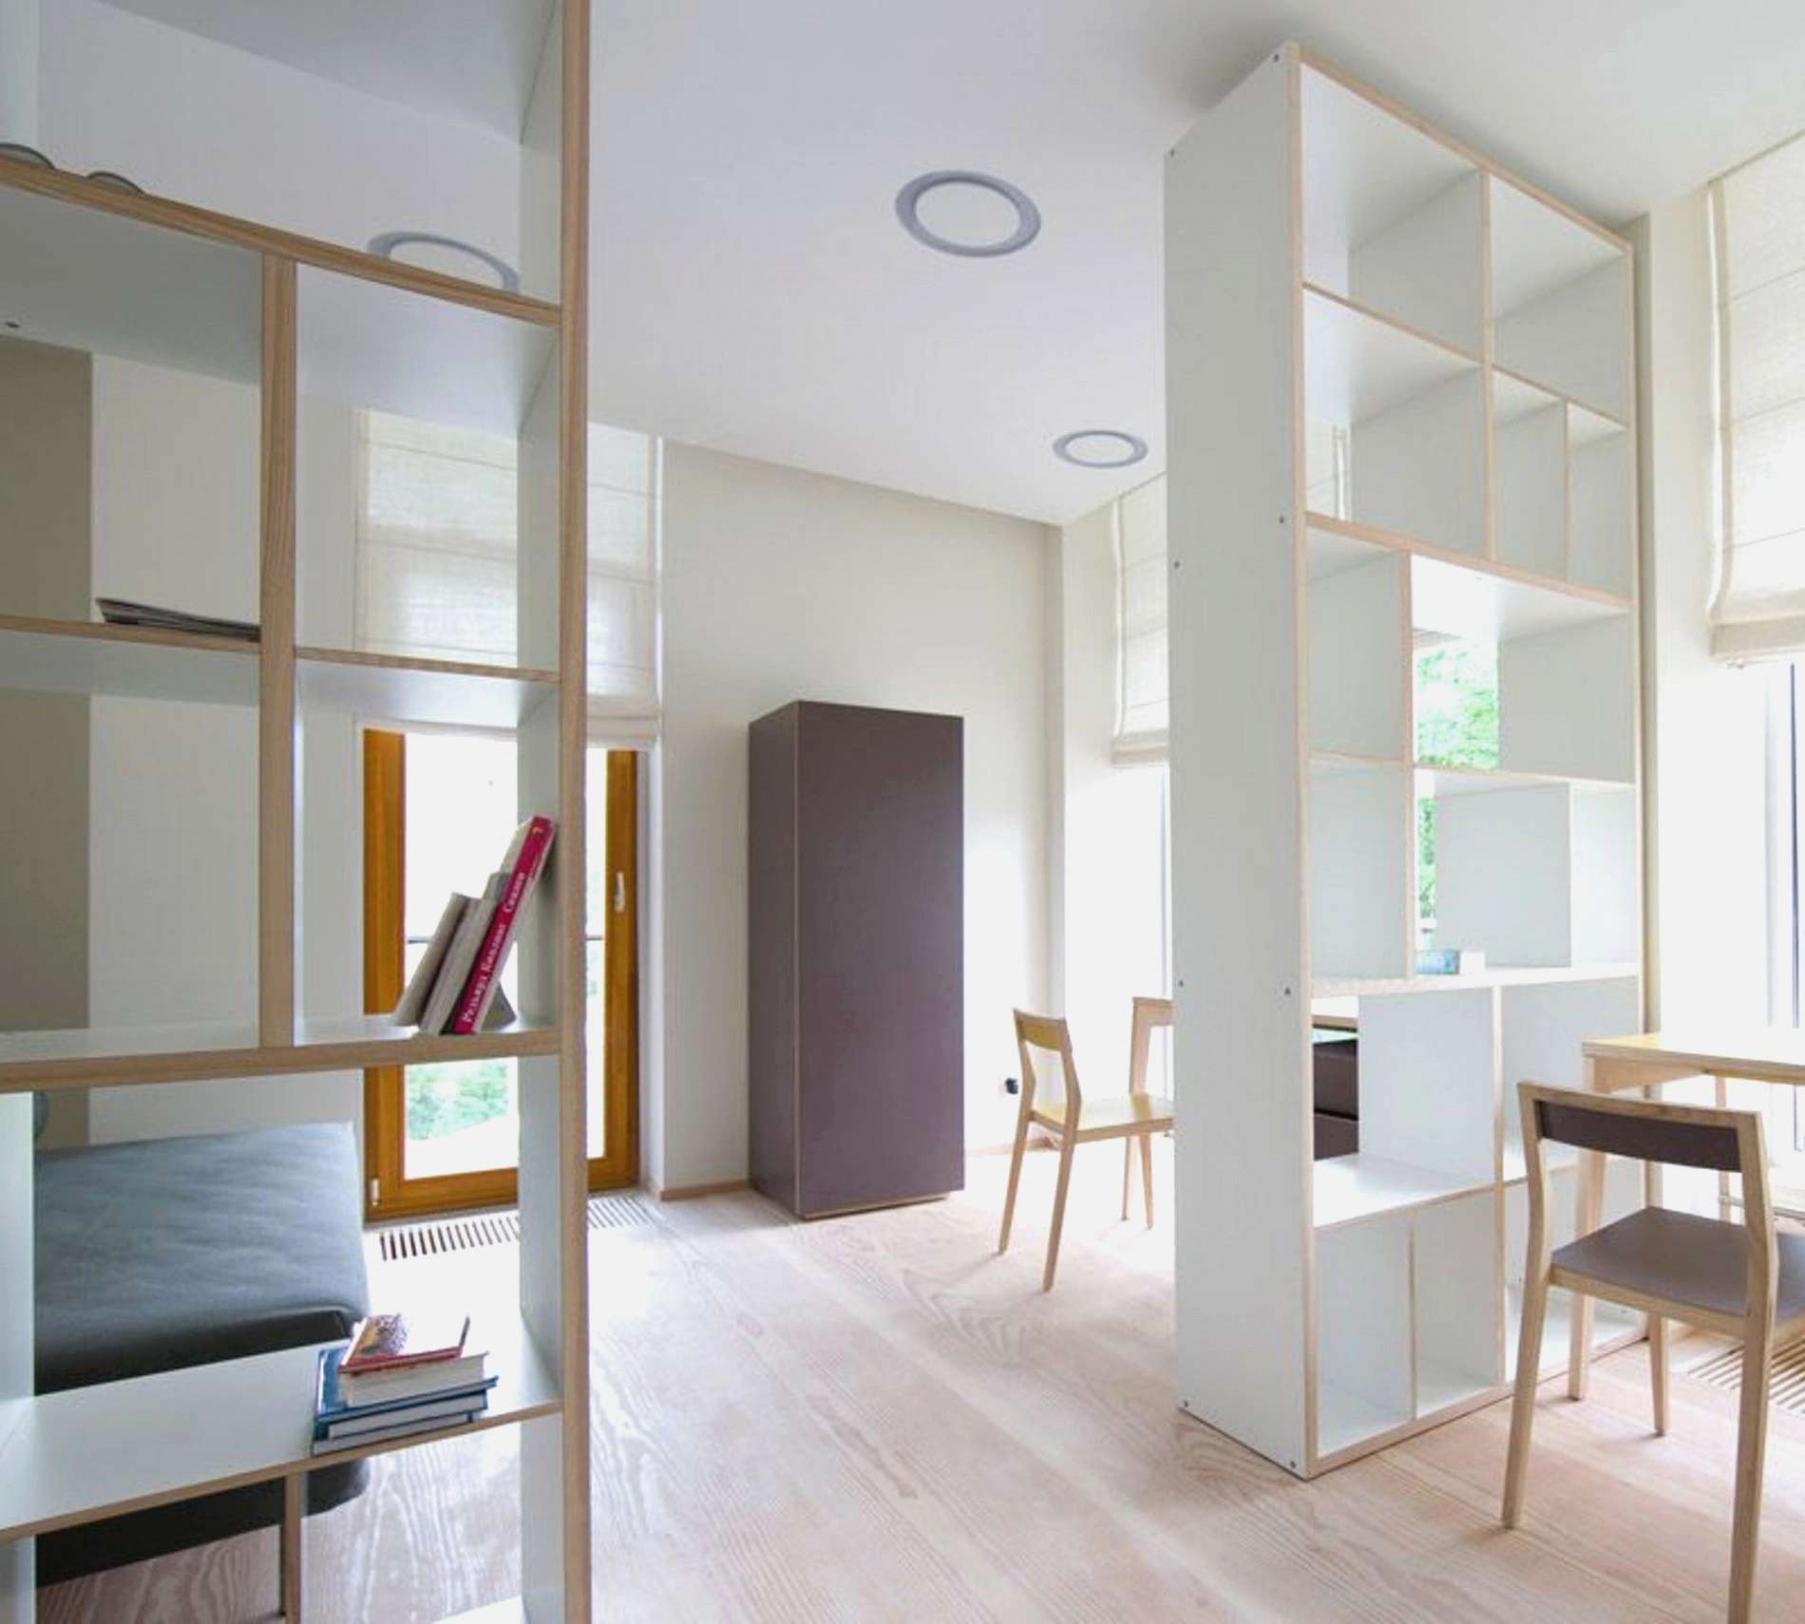 Full Size of 45 Schön Raumteiler Wohnzimmer   Raumteiler Ideen Vorhang Wohnzimmer Vorhang Wohnzimmer